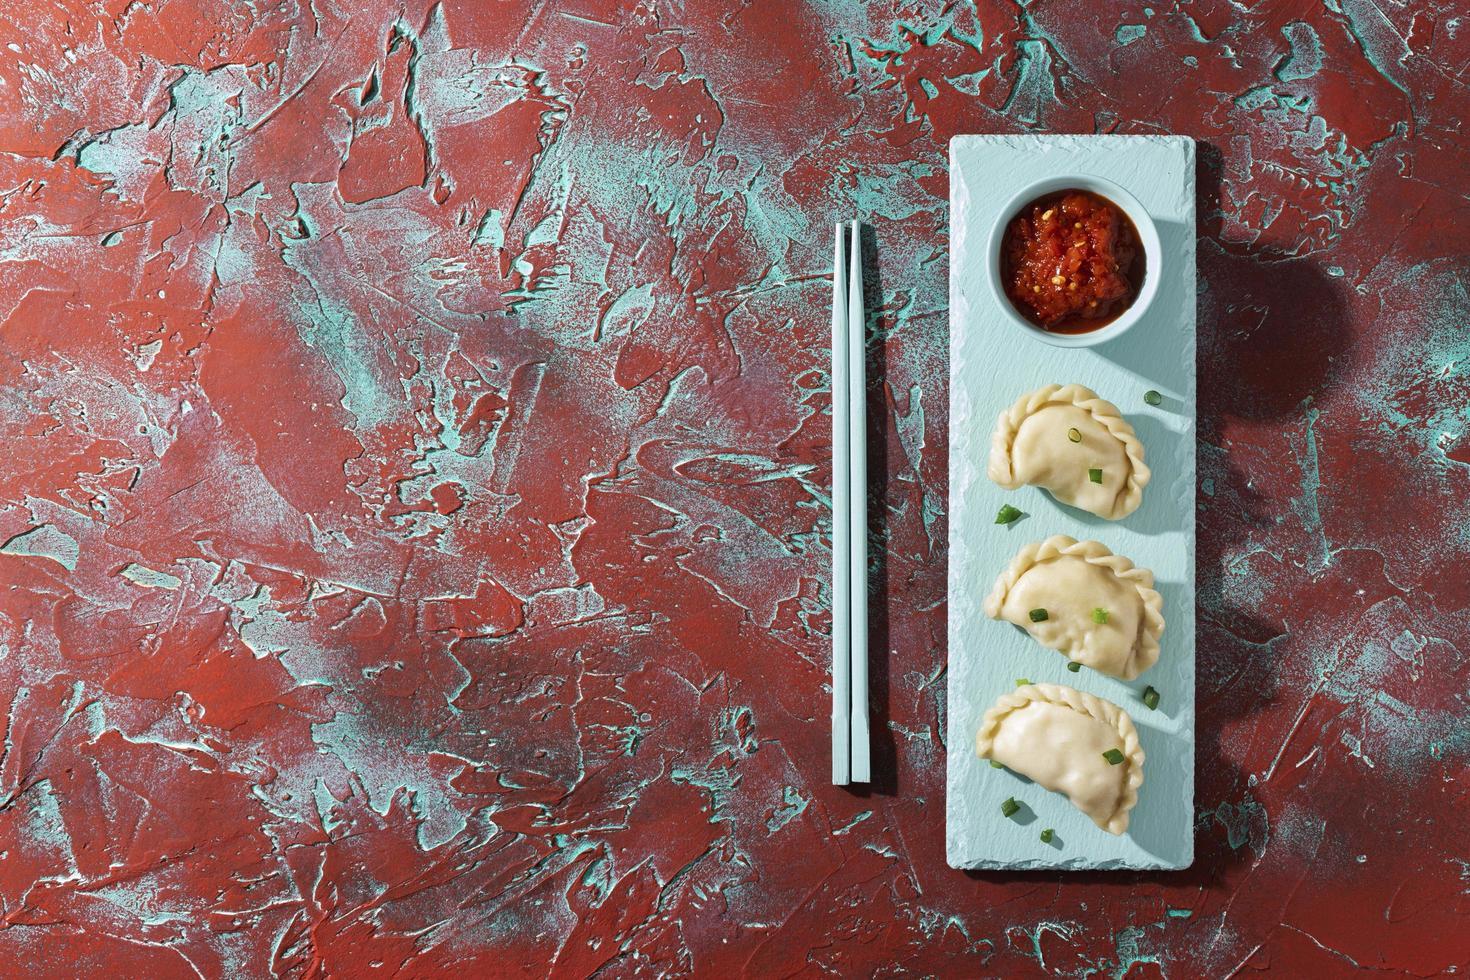 el delicioso arreglo del plato sambal foto